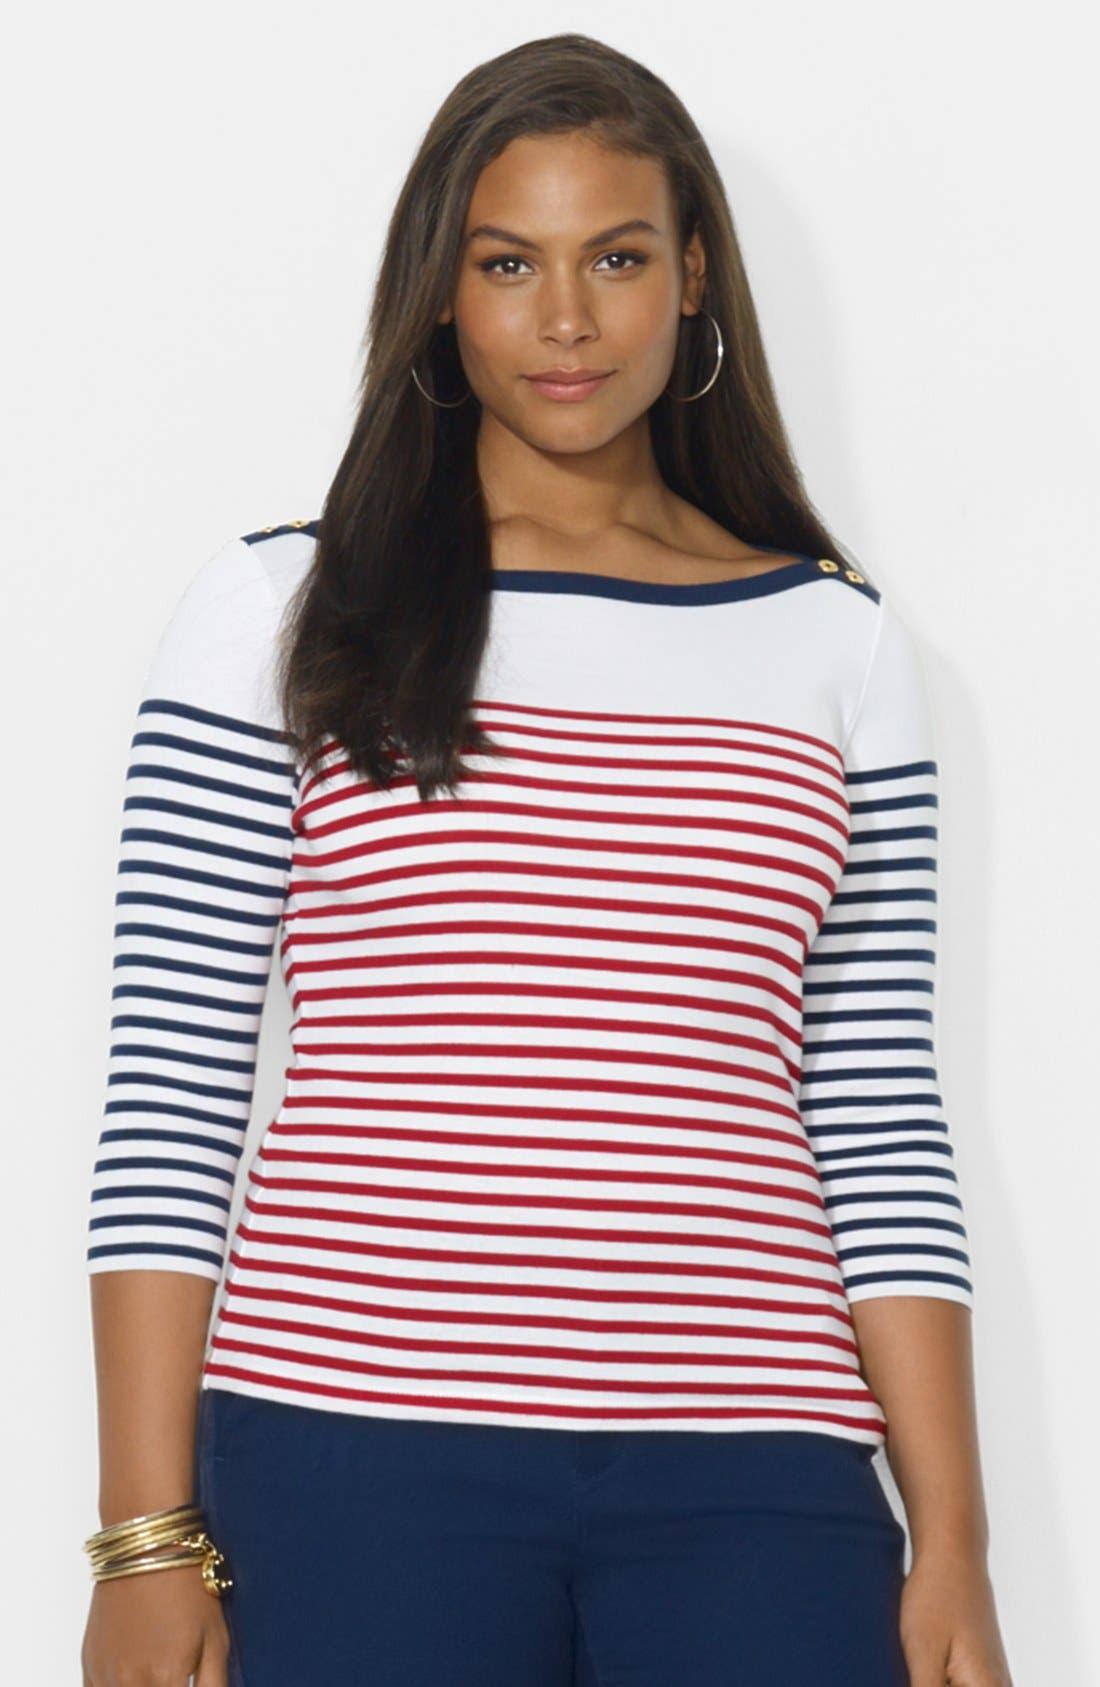 Alternate Image 1 Selected - Lauren Ralph Lauren Contrast Striped Top (Plus Size)